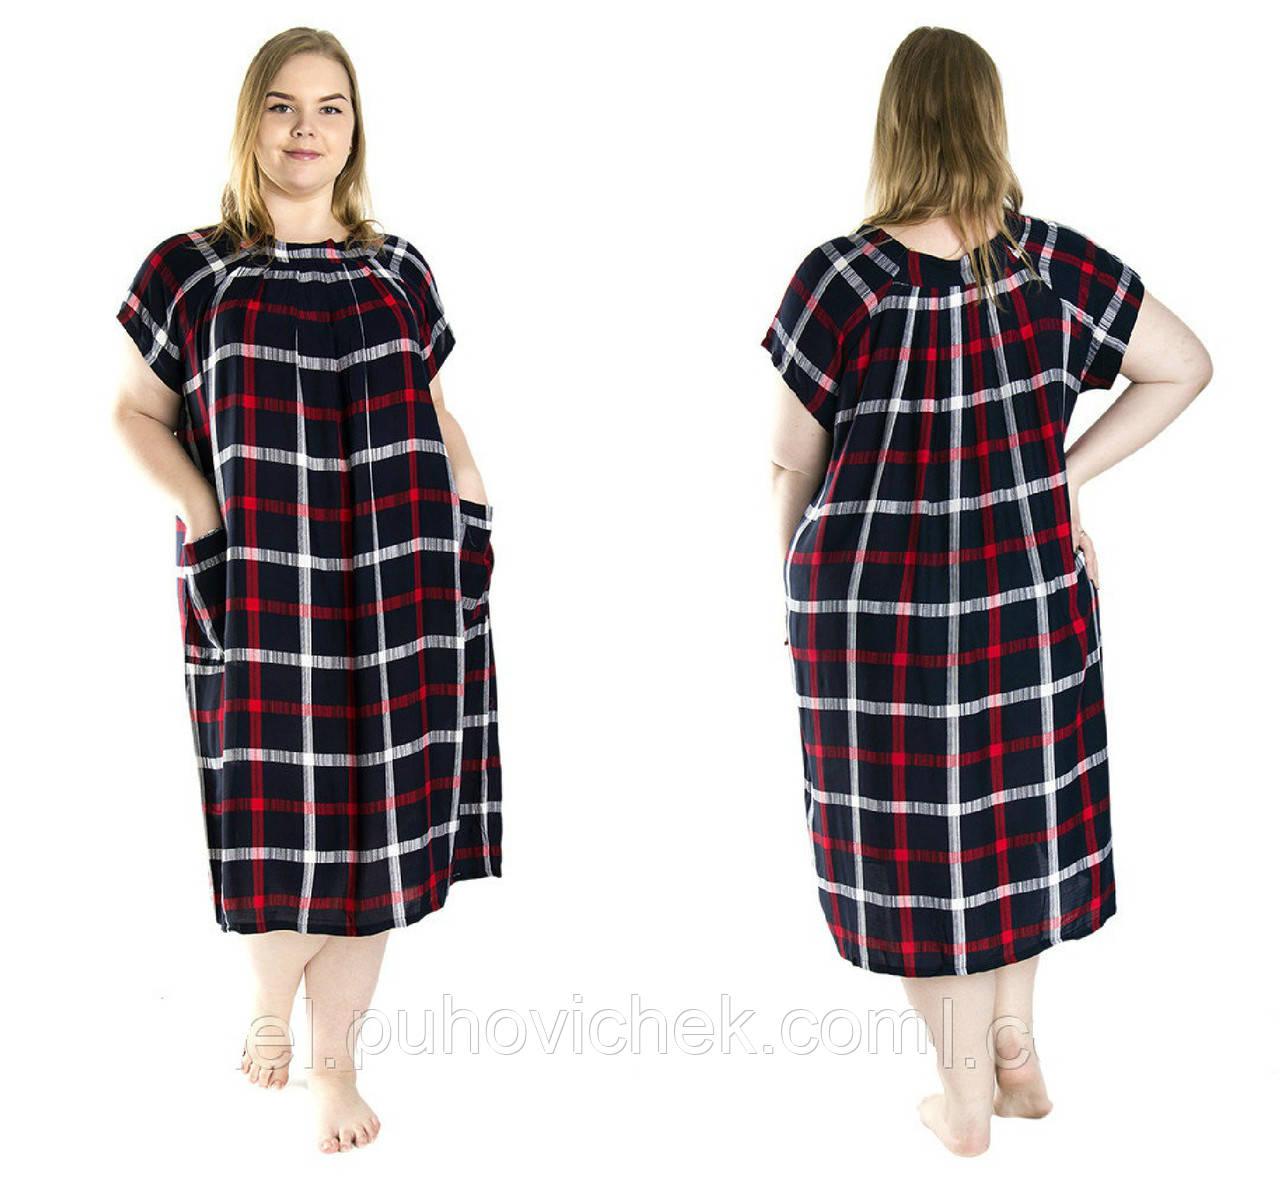 Женские летние платья от производителя